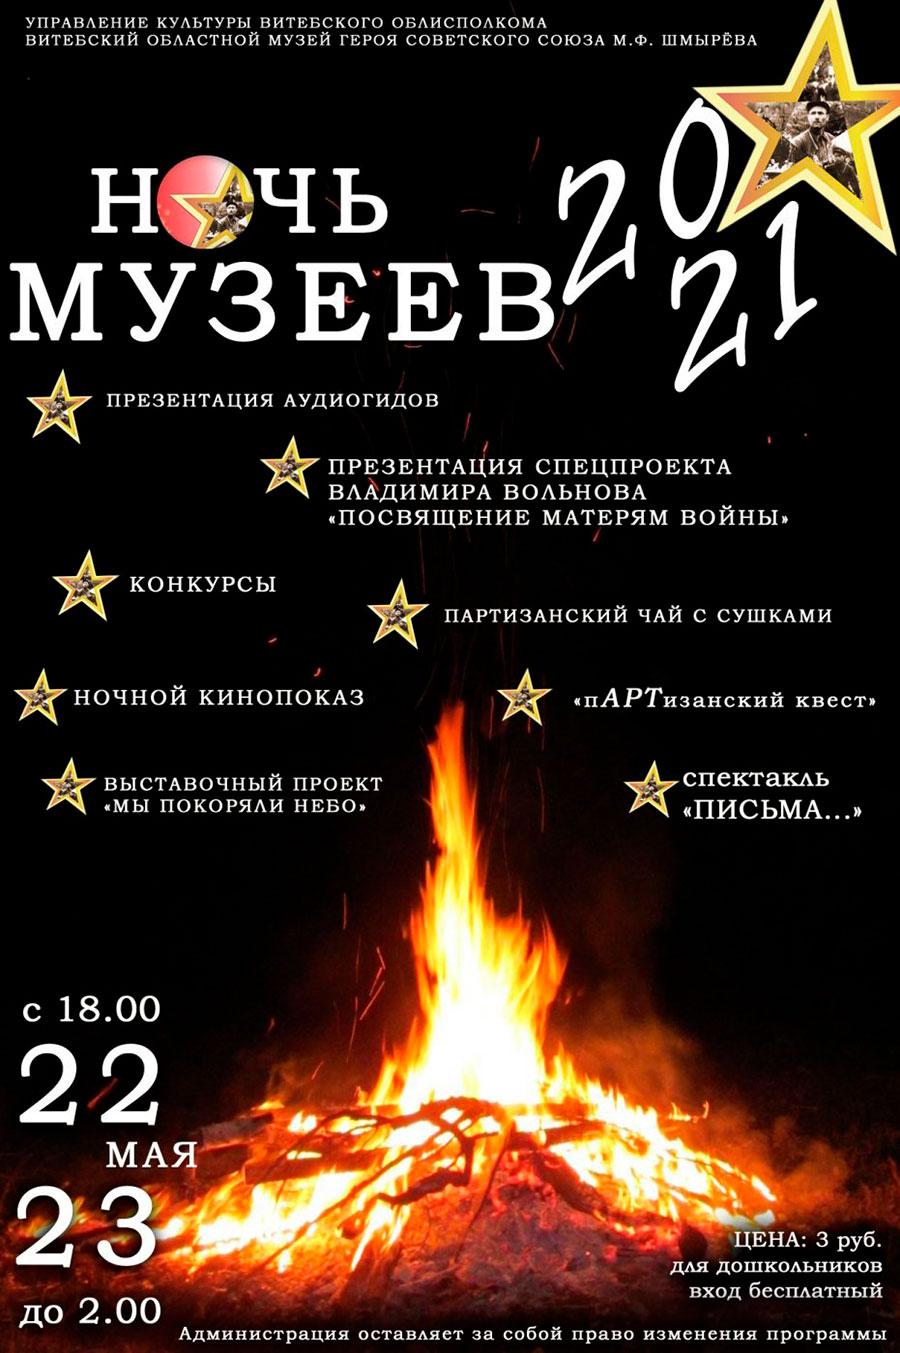 ночь музеев 2021 в музее Шмырева